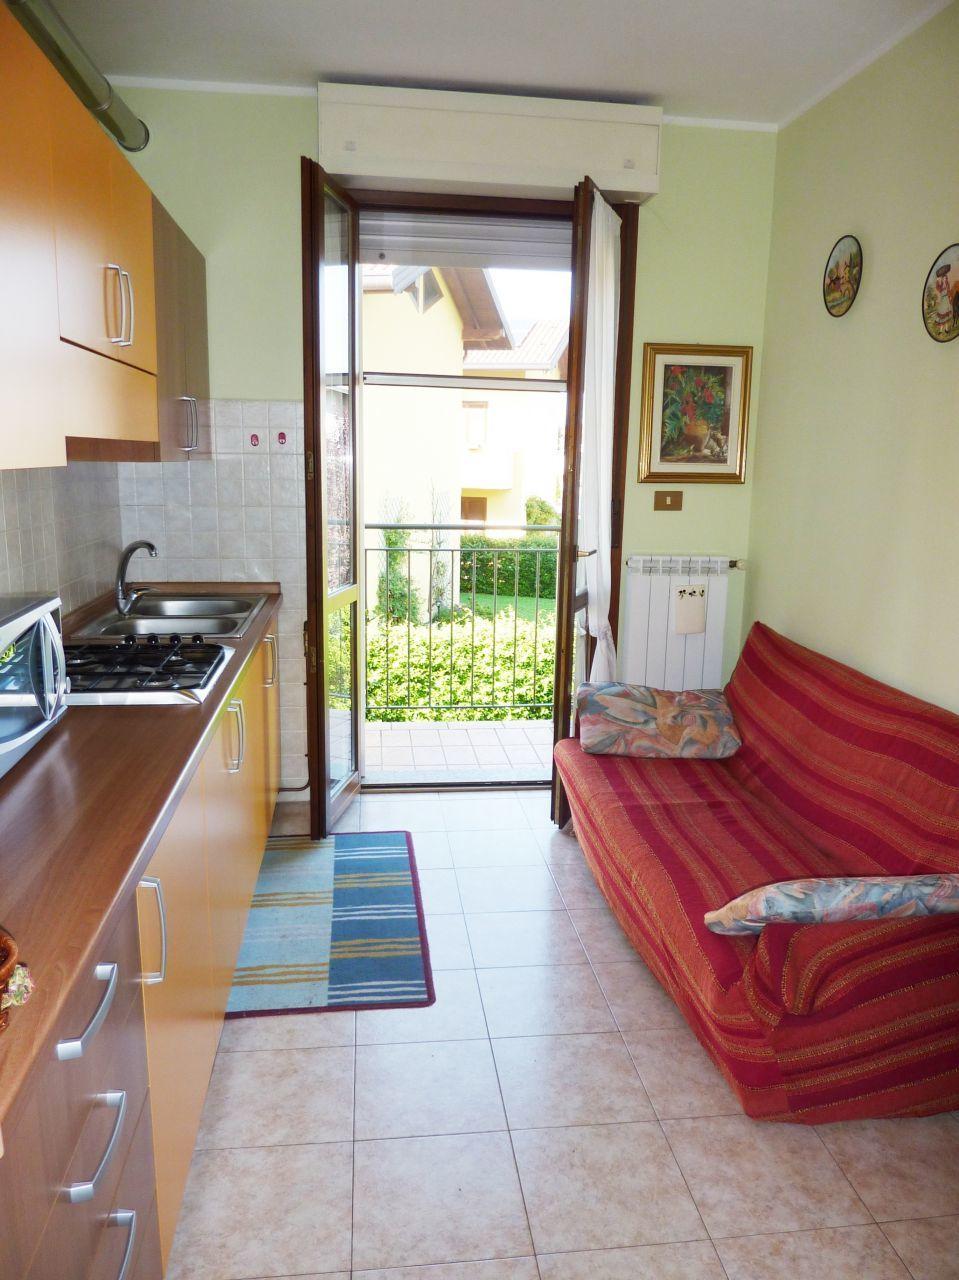 Appartamento in affitto a Cardano al Campo, 1 locali, prezzo € 400 | PortaleAgenzieImmobiliari.it